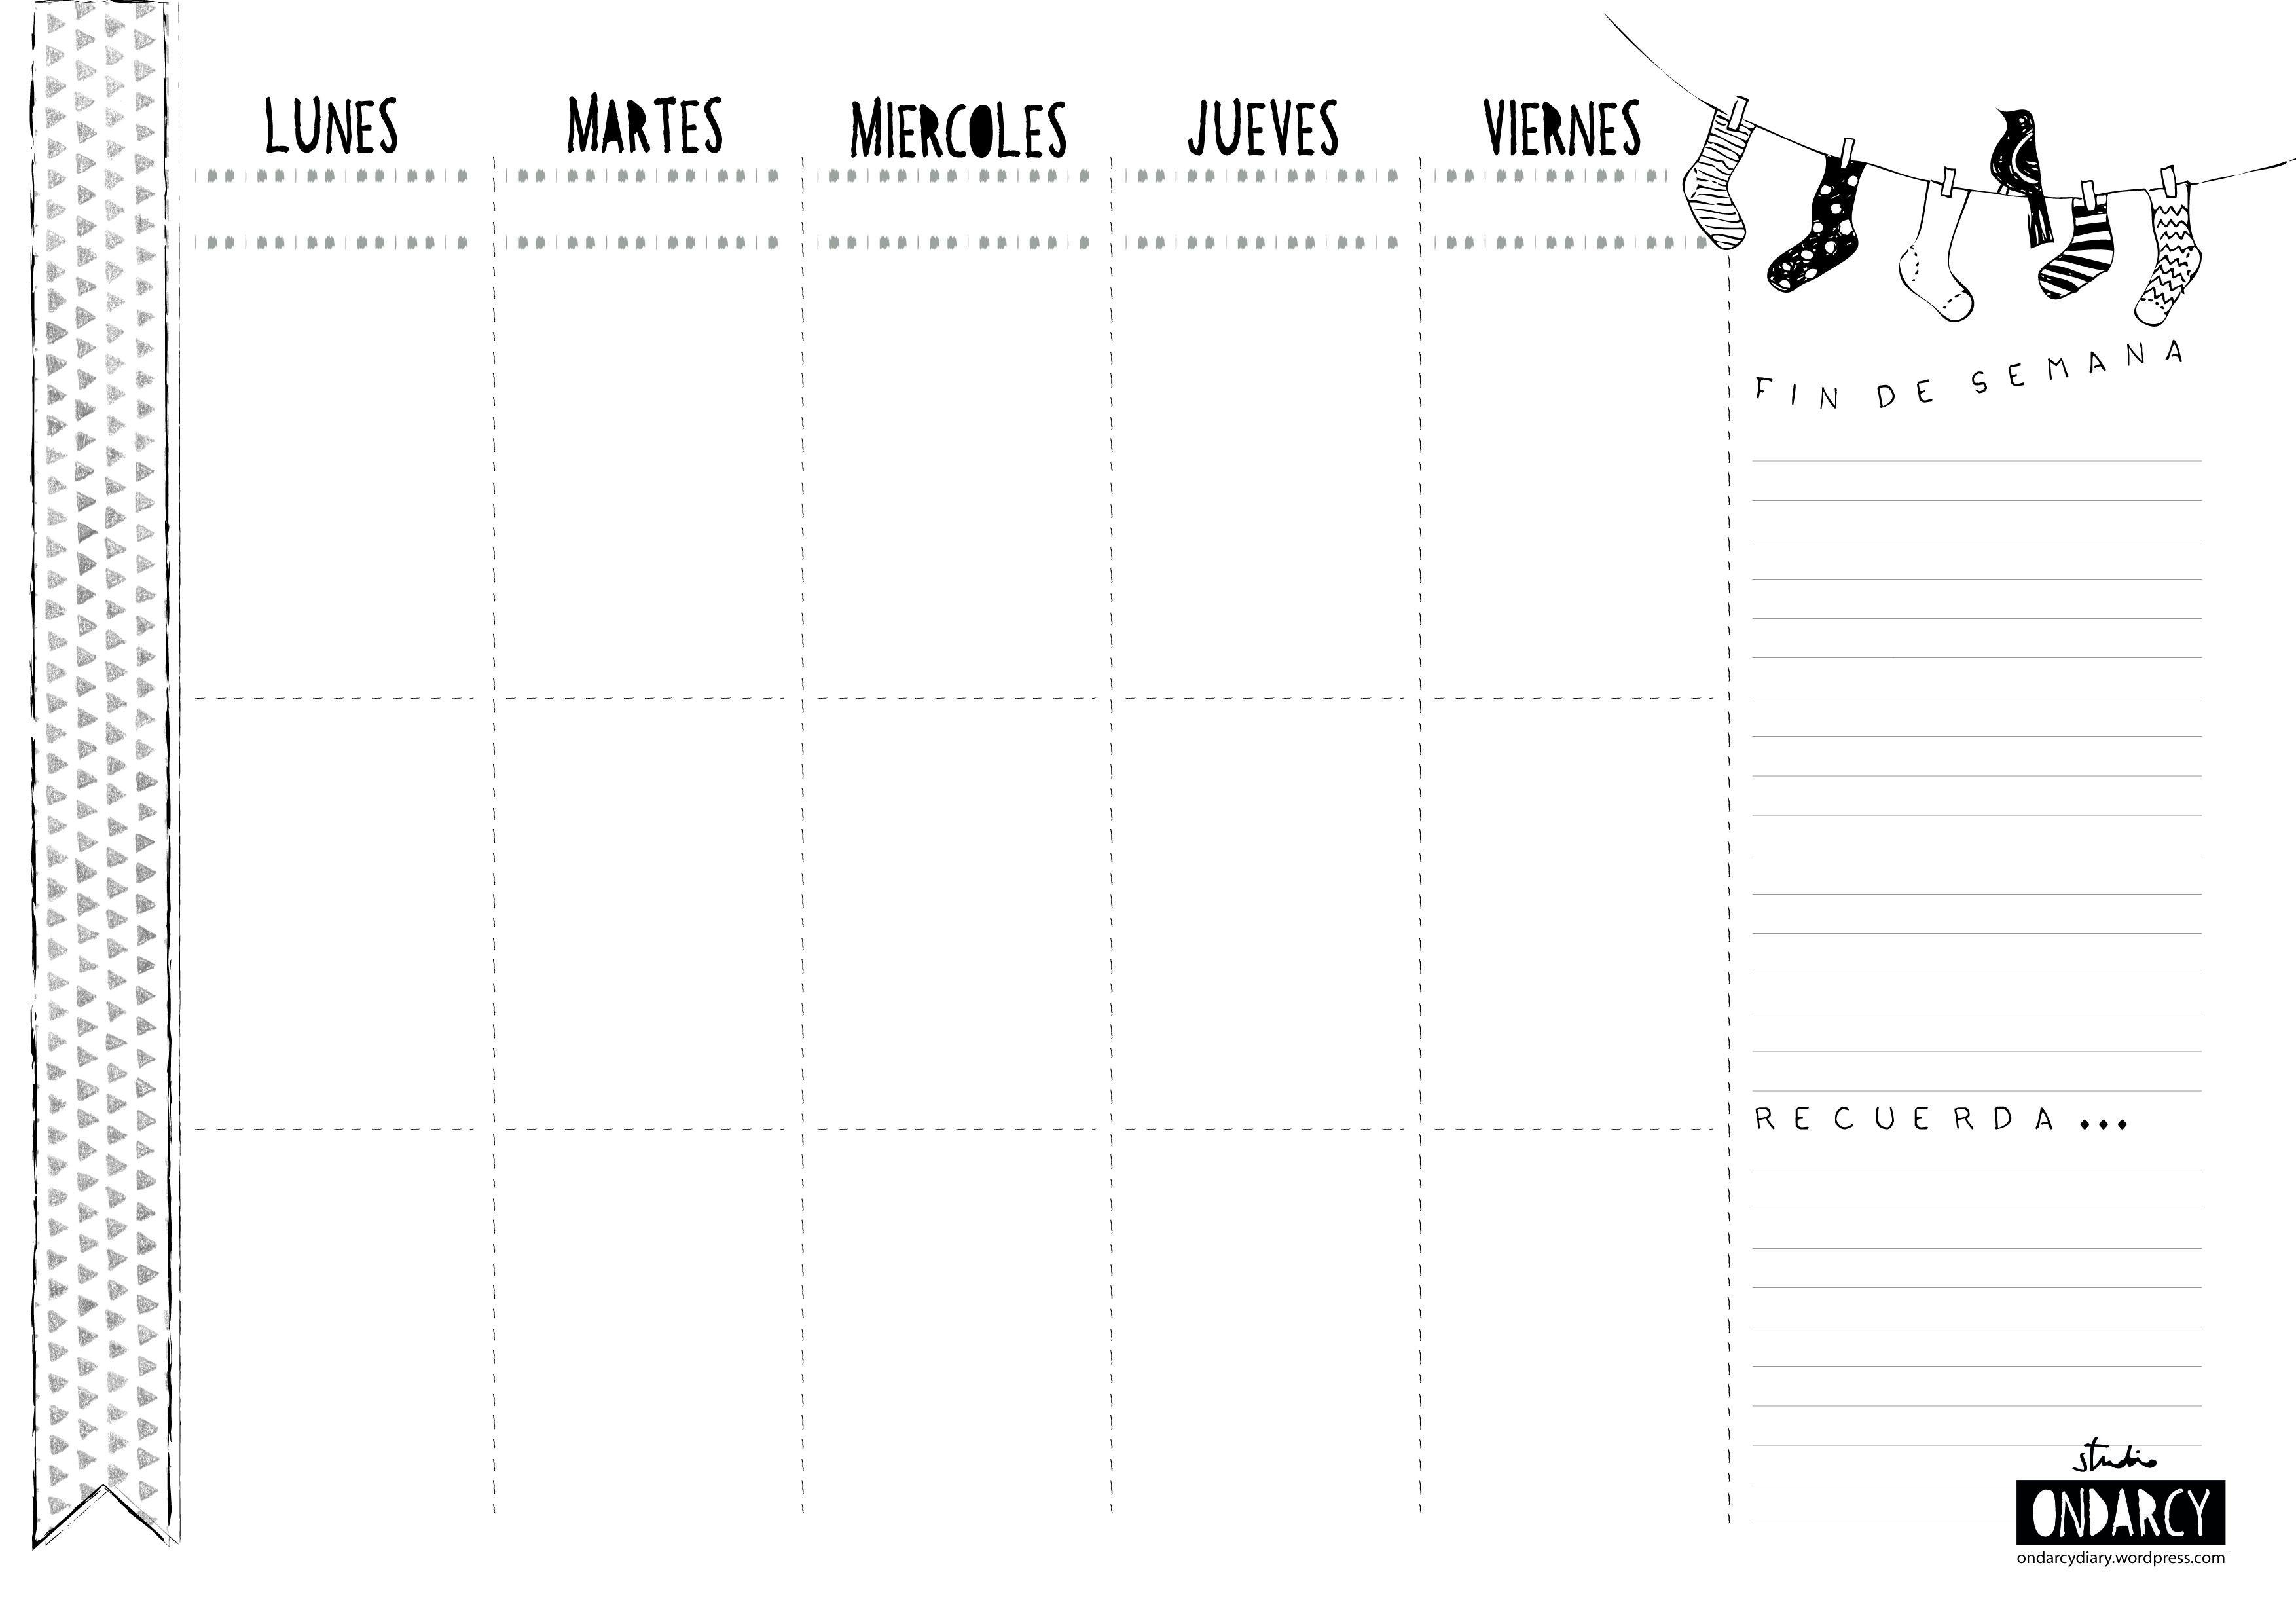 Calendario 2019 Escolar Zaragoza Más Populares Planning Semanal Calendario 2017 Pinterest Of Calendario 2019 Escolar Zaragoza Más Reciente Jefe De Ense±anza Zona 09 Secundarias Técnicas Junio 2018